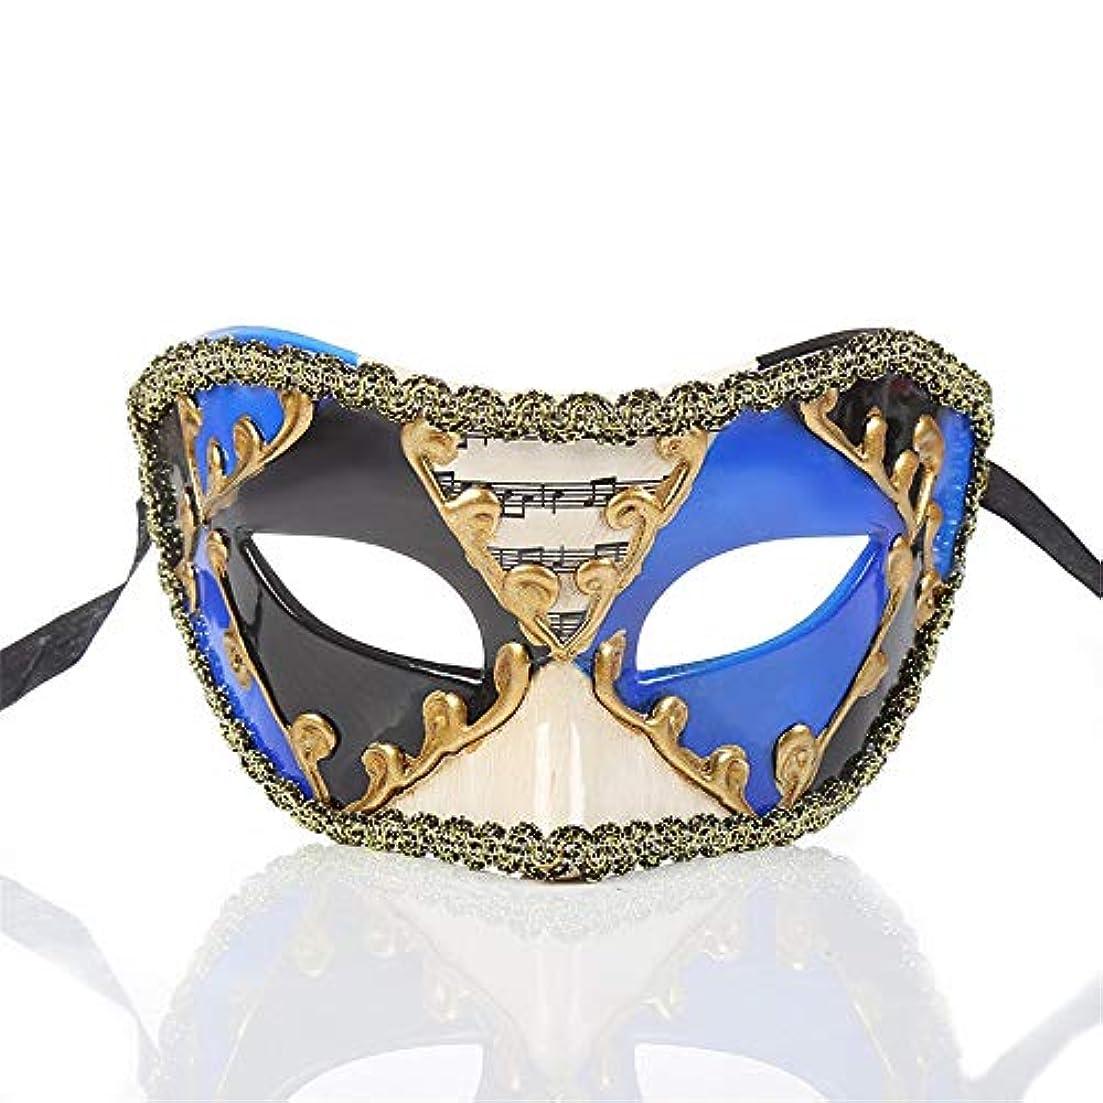 発掘する盟主無条件ダンスマスク ヴィンテージクラシックハーフフェイスクラウンミュージカルノート装飾マスクフェスティバルロールプレイングプラスチックマスク ホリデーパーティー用品 (色 : 青, サイズ : 16.5x8cm)